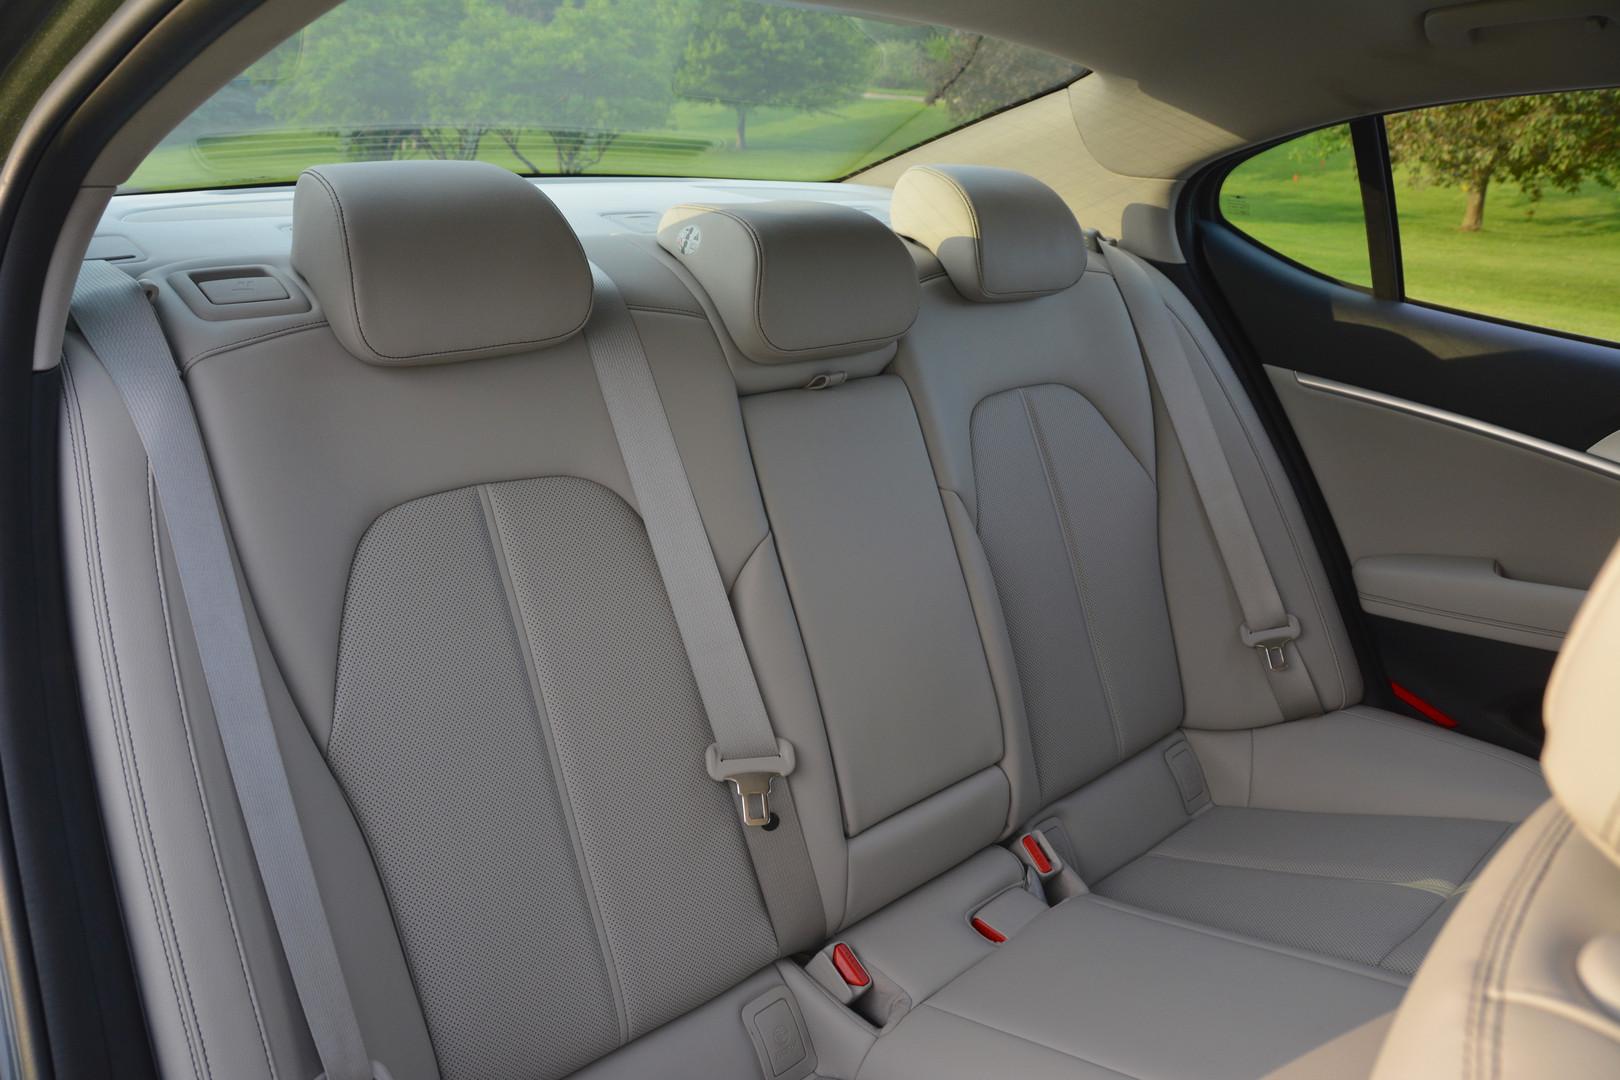 2019 Genesis G70 Rear Seats